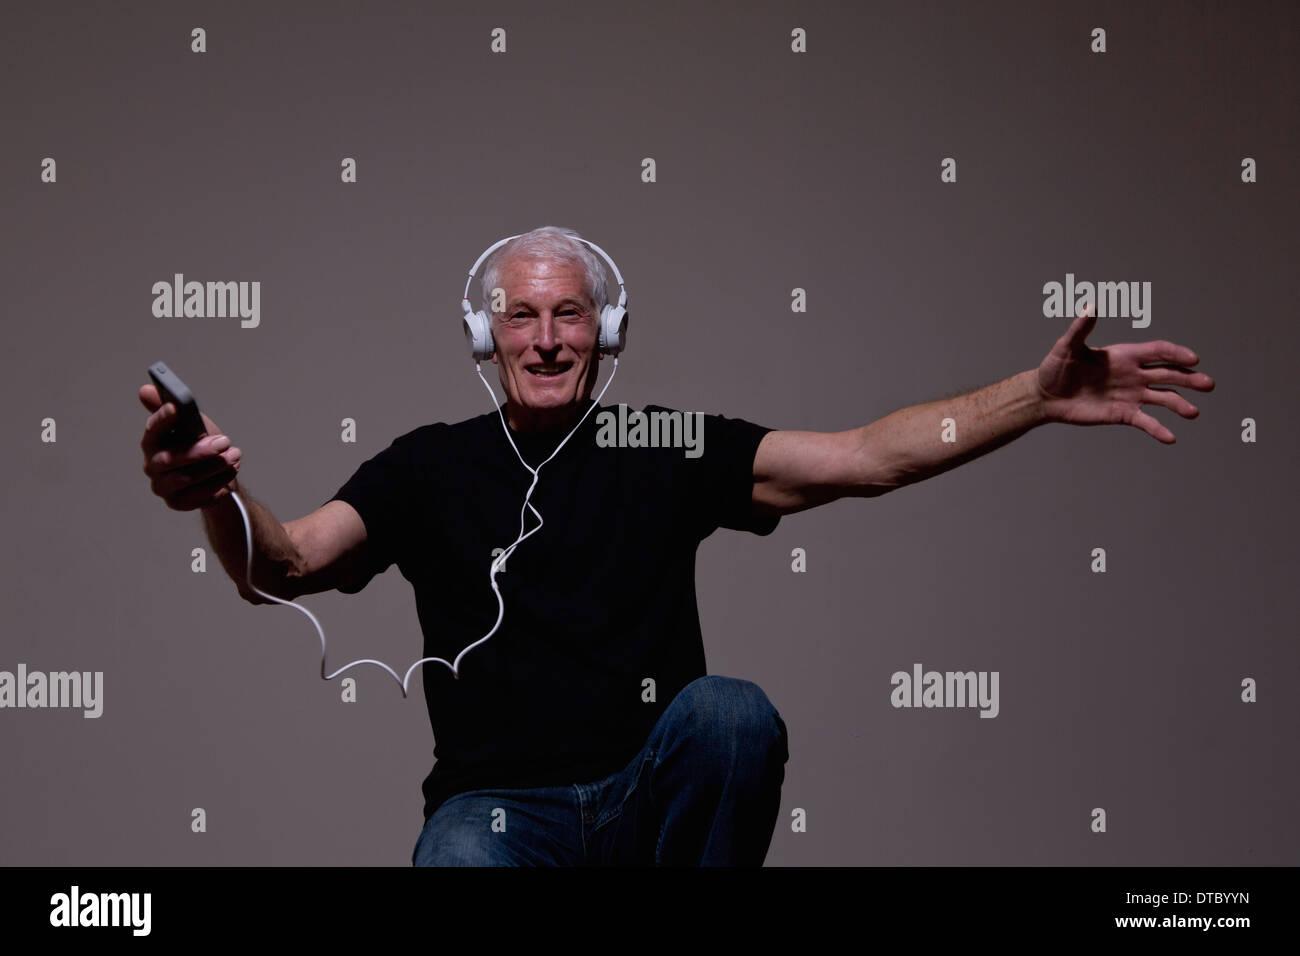 Porträt des senior Menschen tanzen auf MP3-Player Kopfhörer Stockbild